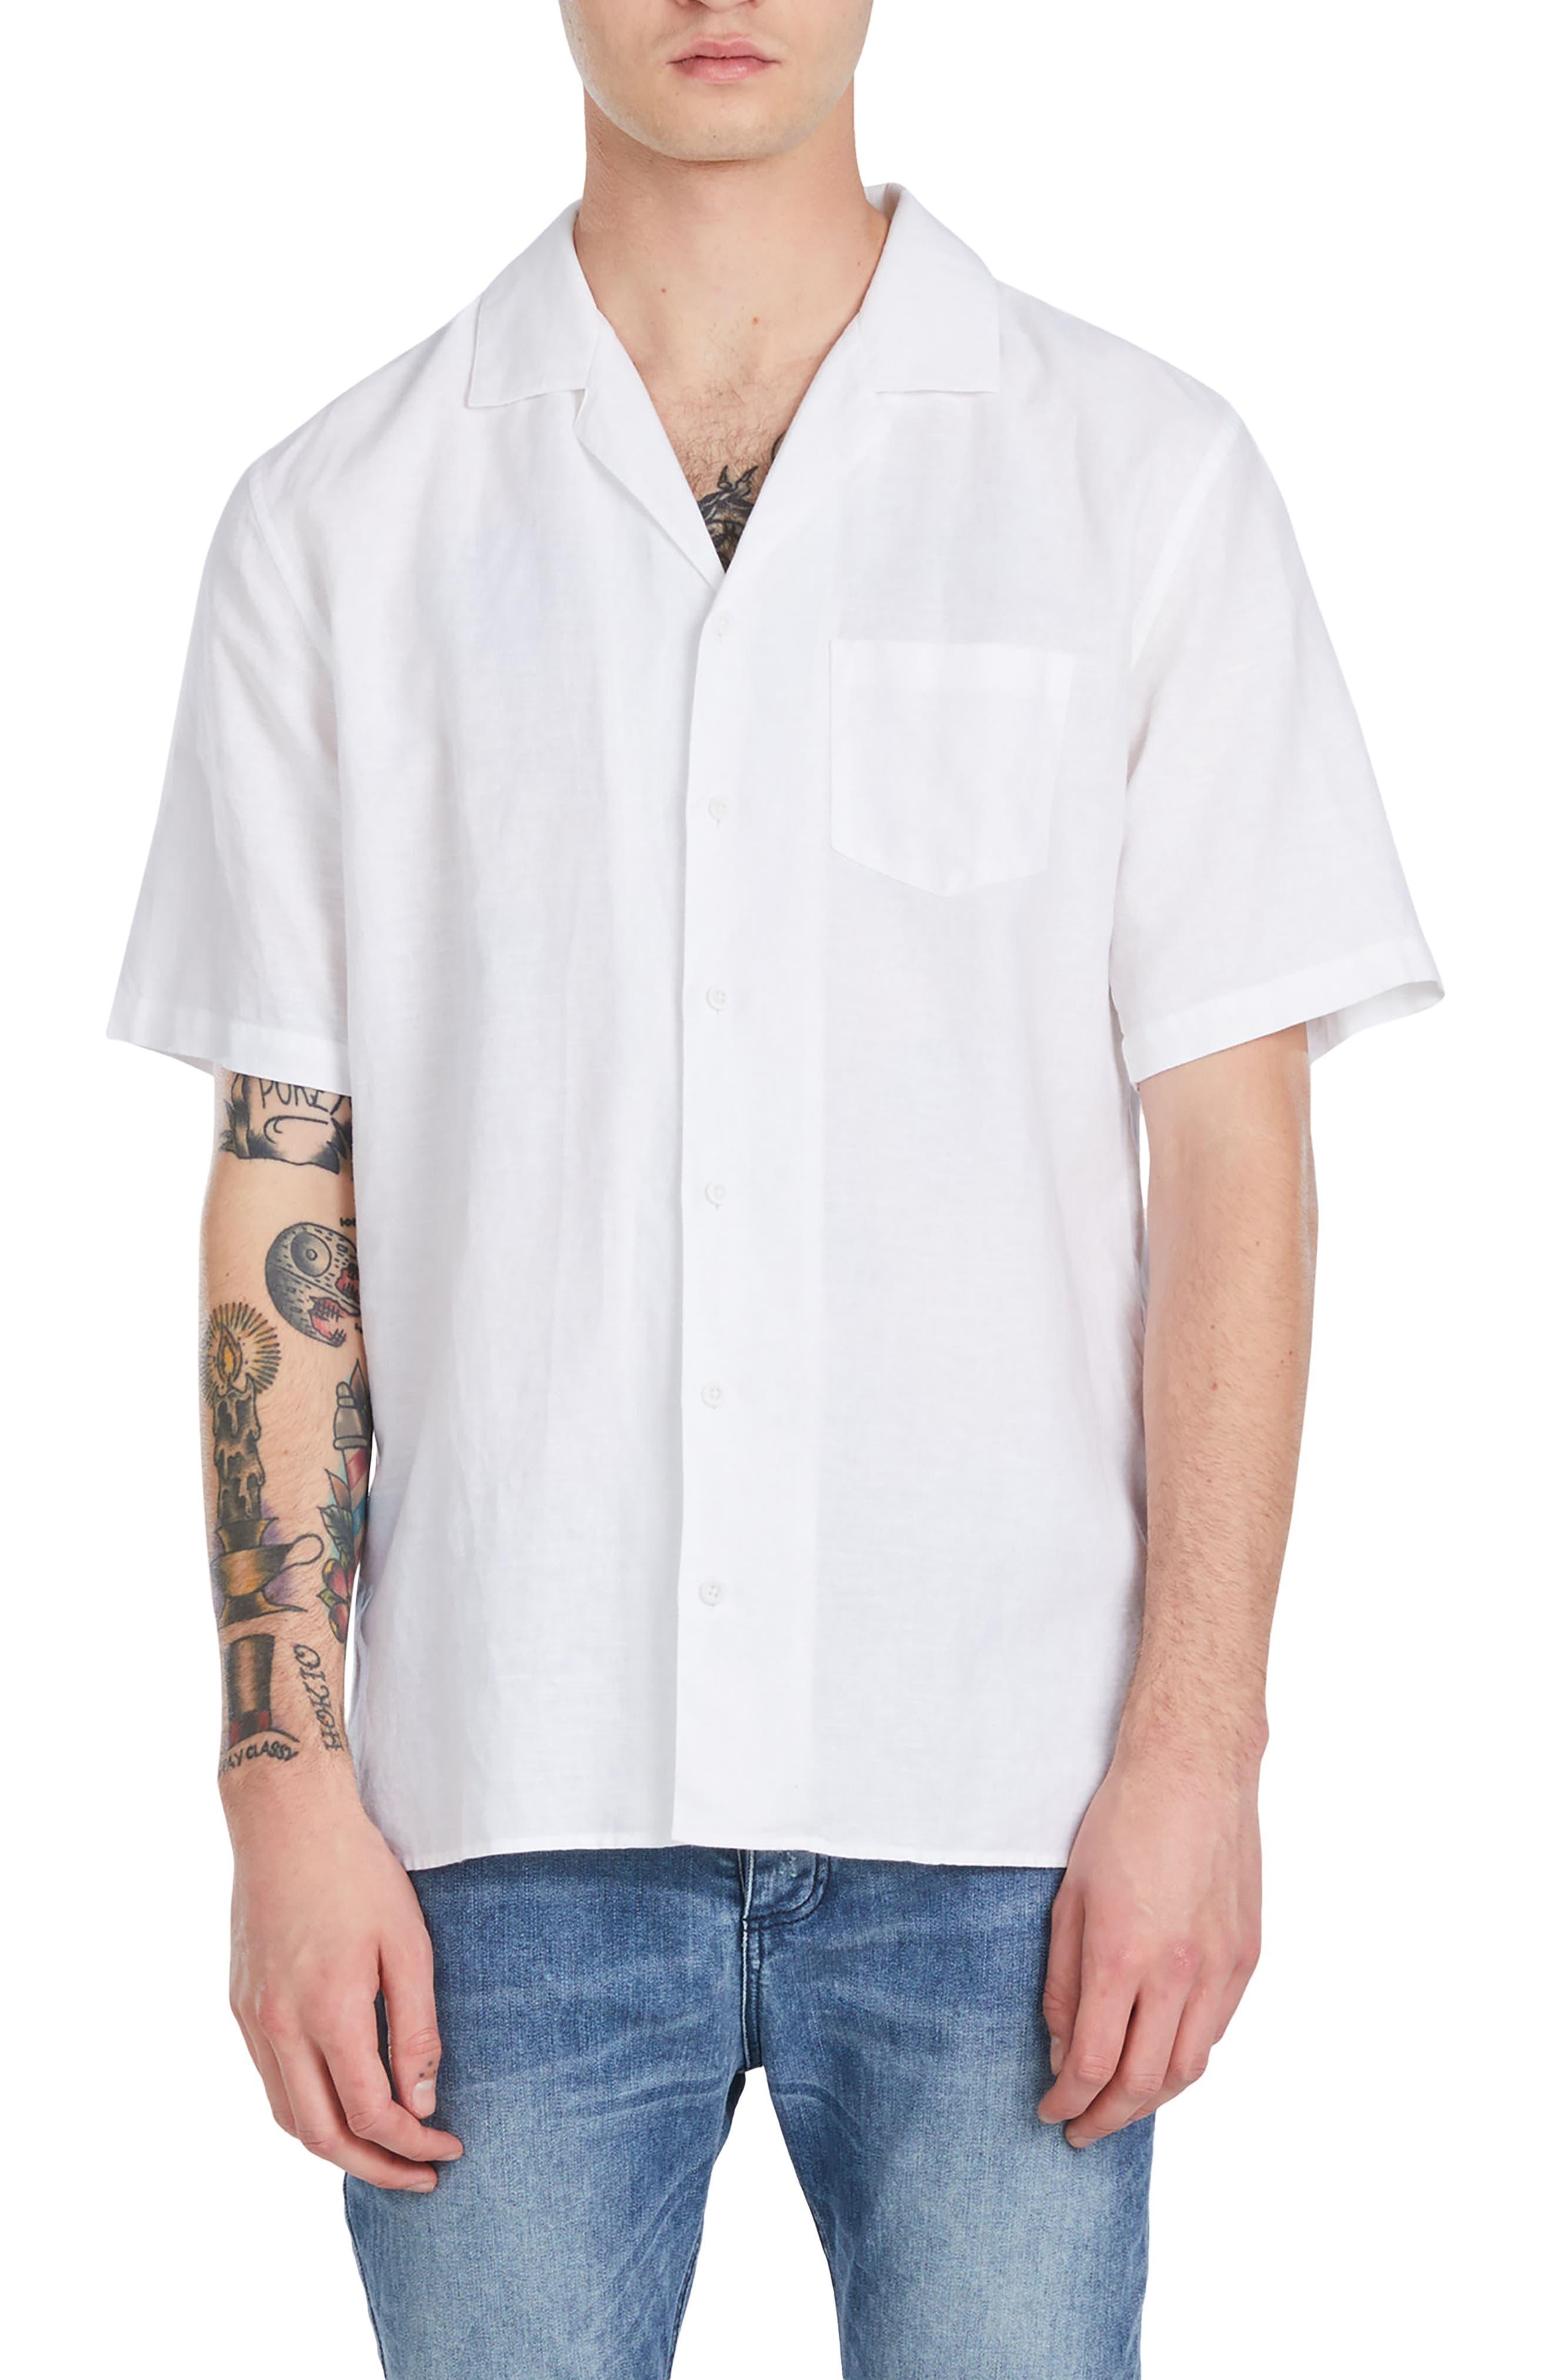 ZANEROBE Camper Boxy Woven Shirt